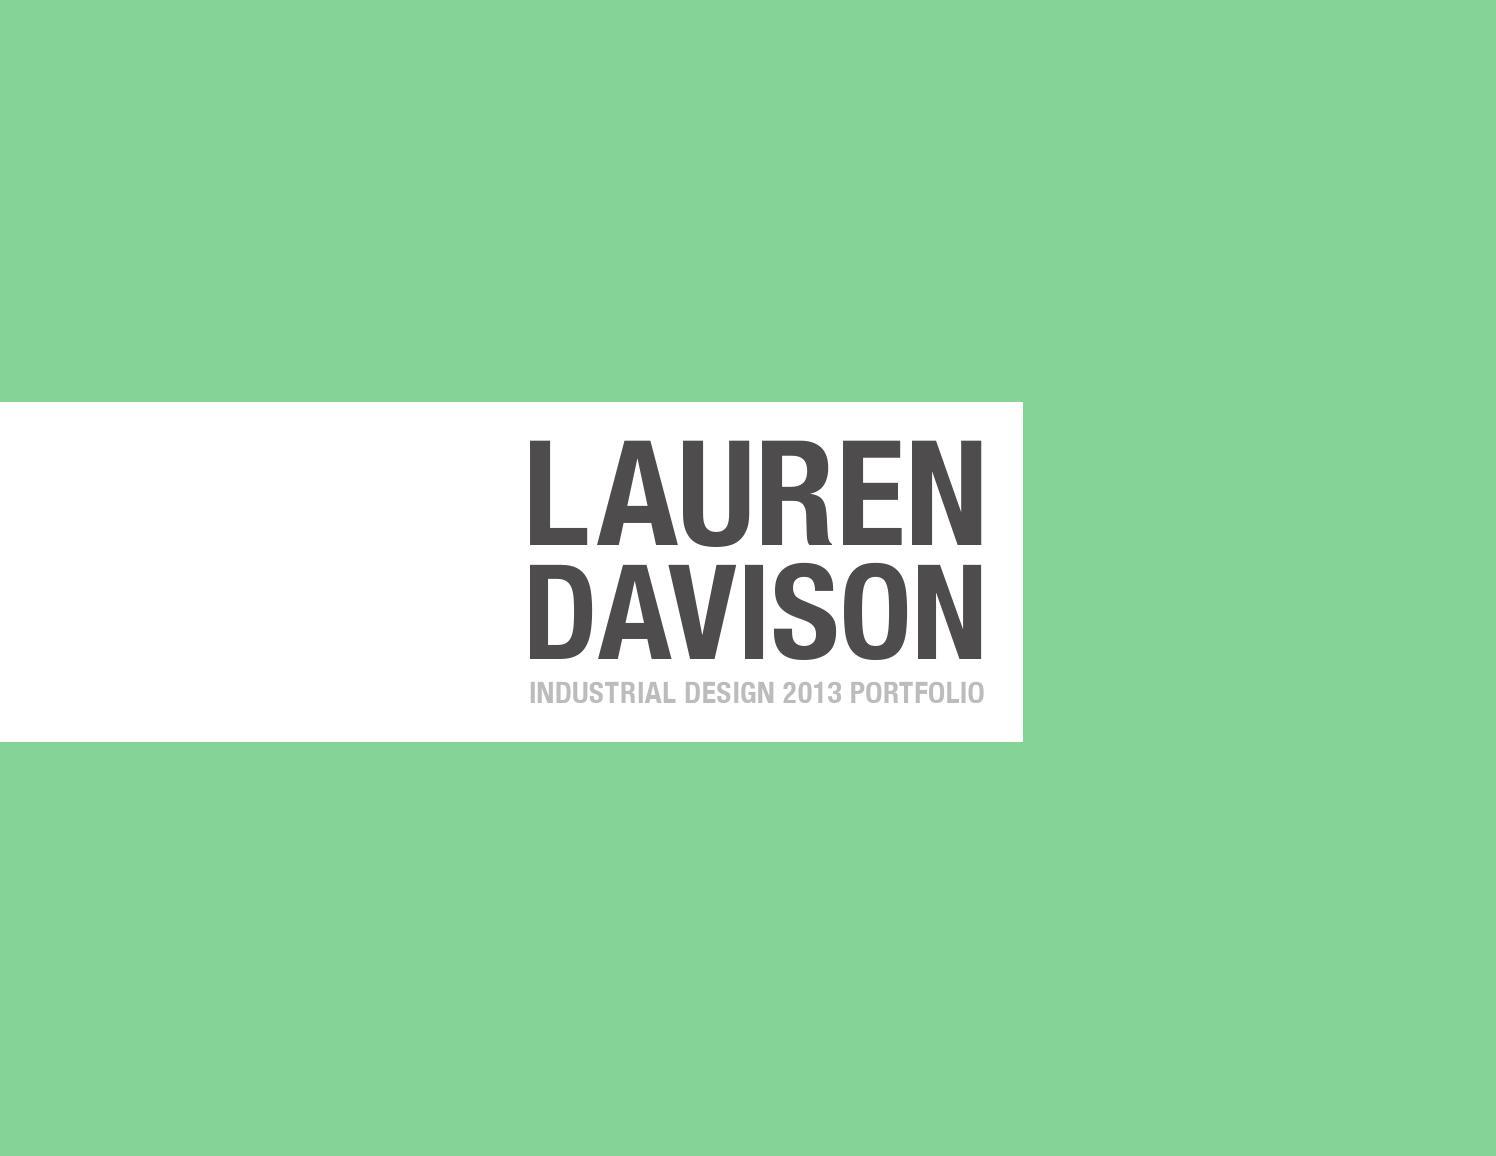 Industrial Design Portfolio Template